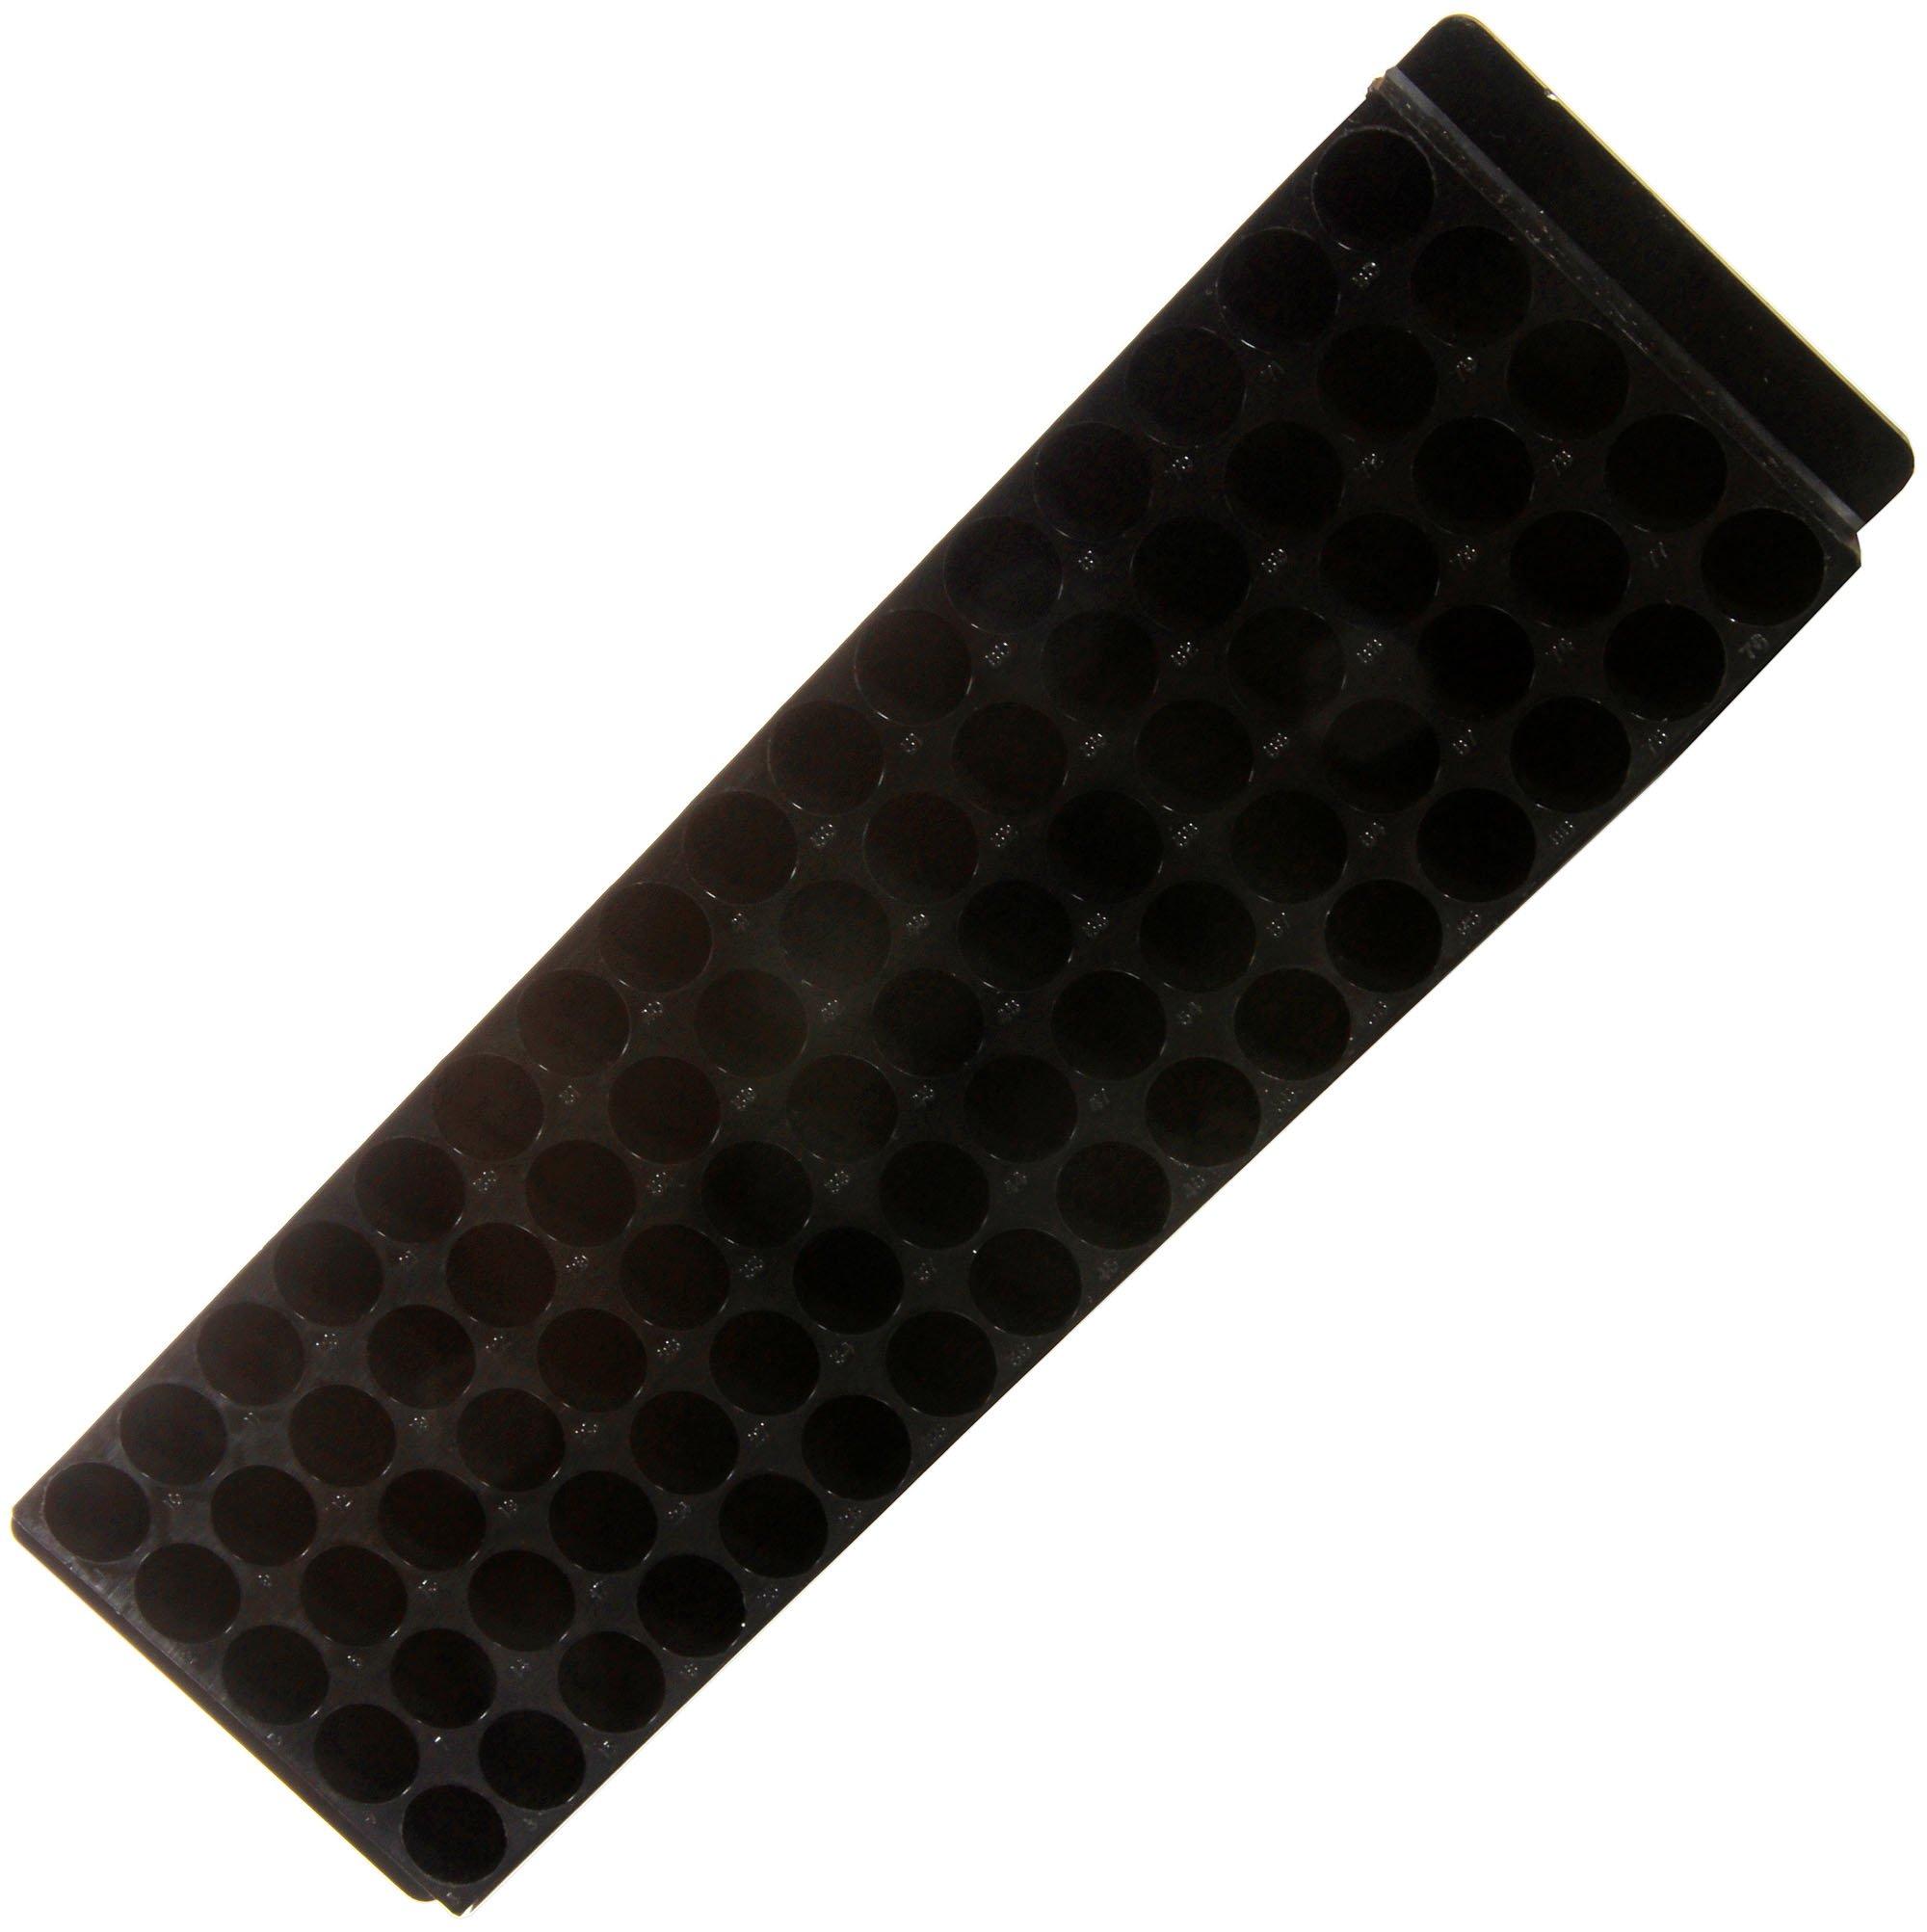 80-Well Microcentrifuge Tube Rack - Black